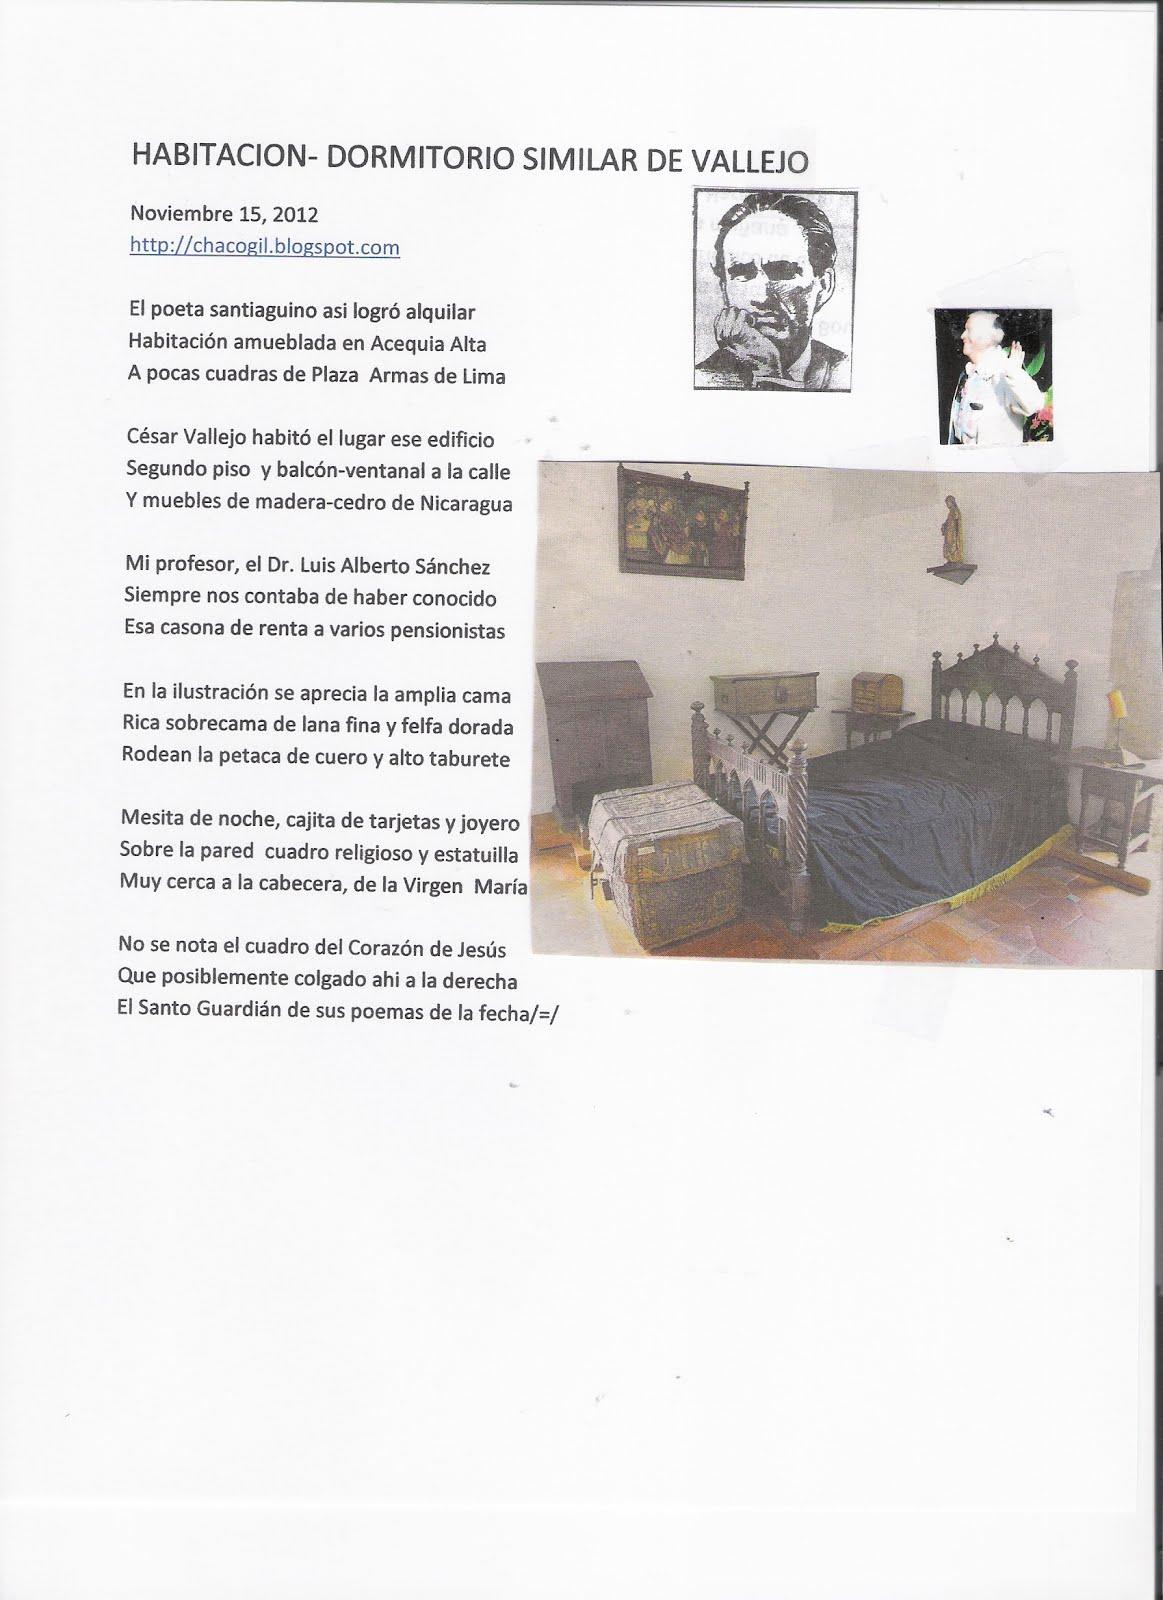 Chaco gil hogar o habitacion es la palabra magica que for Que significa habitacion